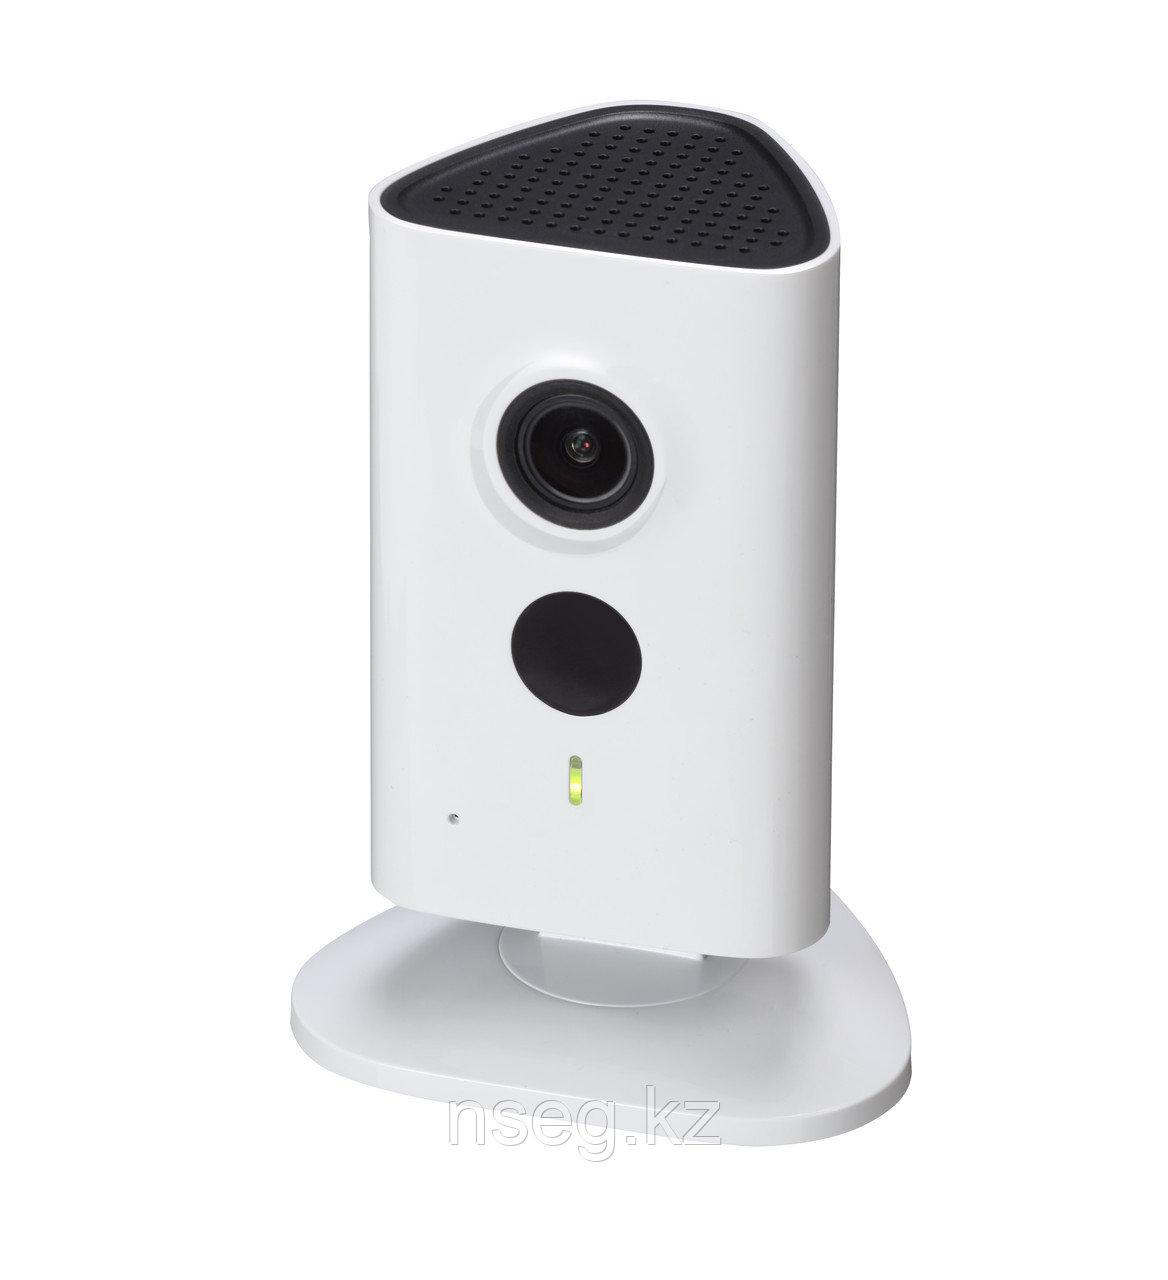 1.3 МП IP WiFi видеокамера Dahua IPC-C15